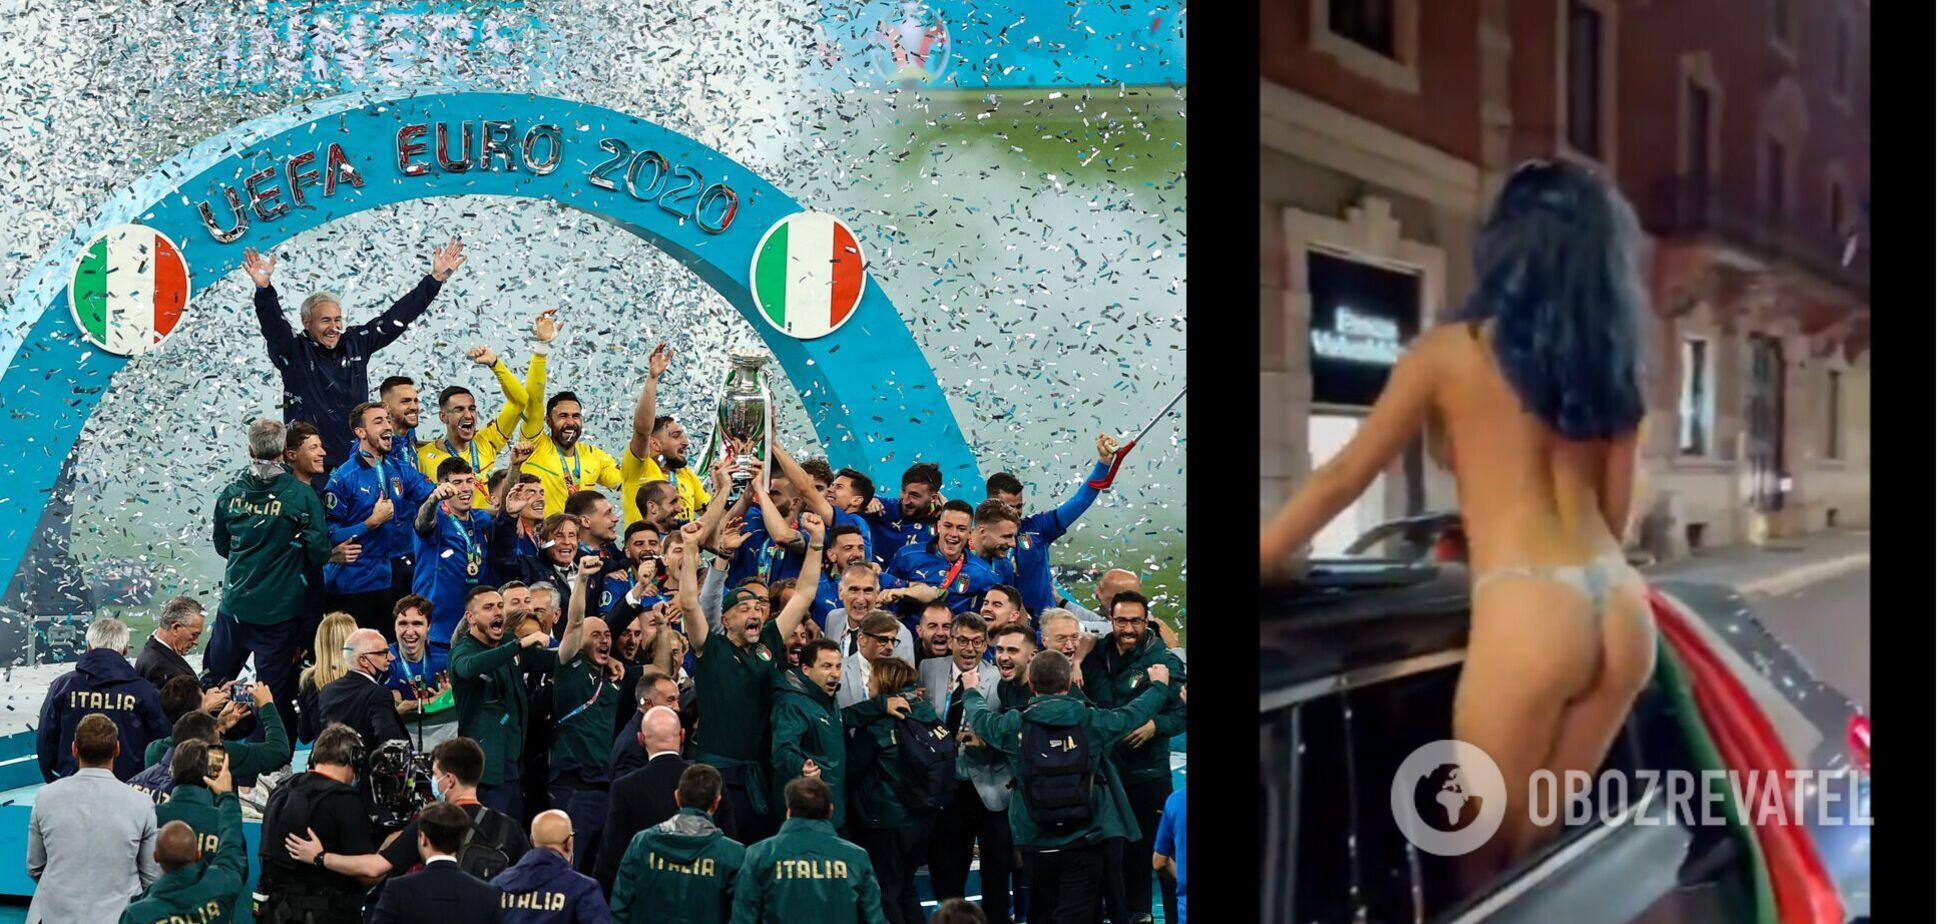 Фанатка сборной Италии разделась в честь победы на Евро-2020